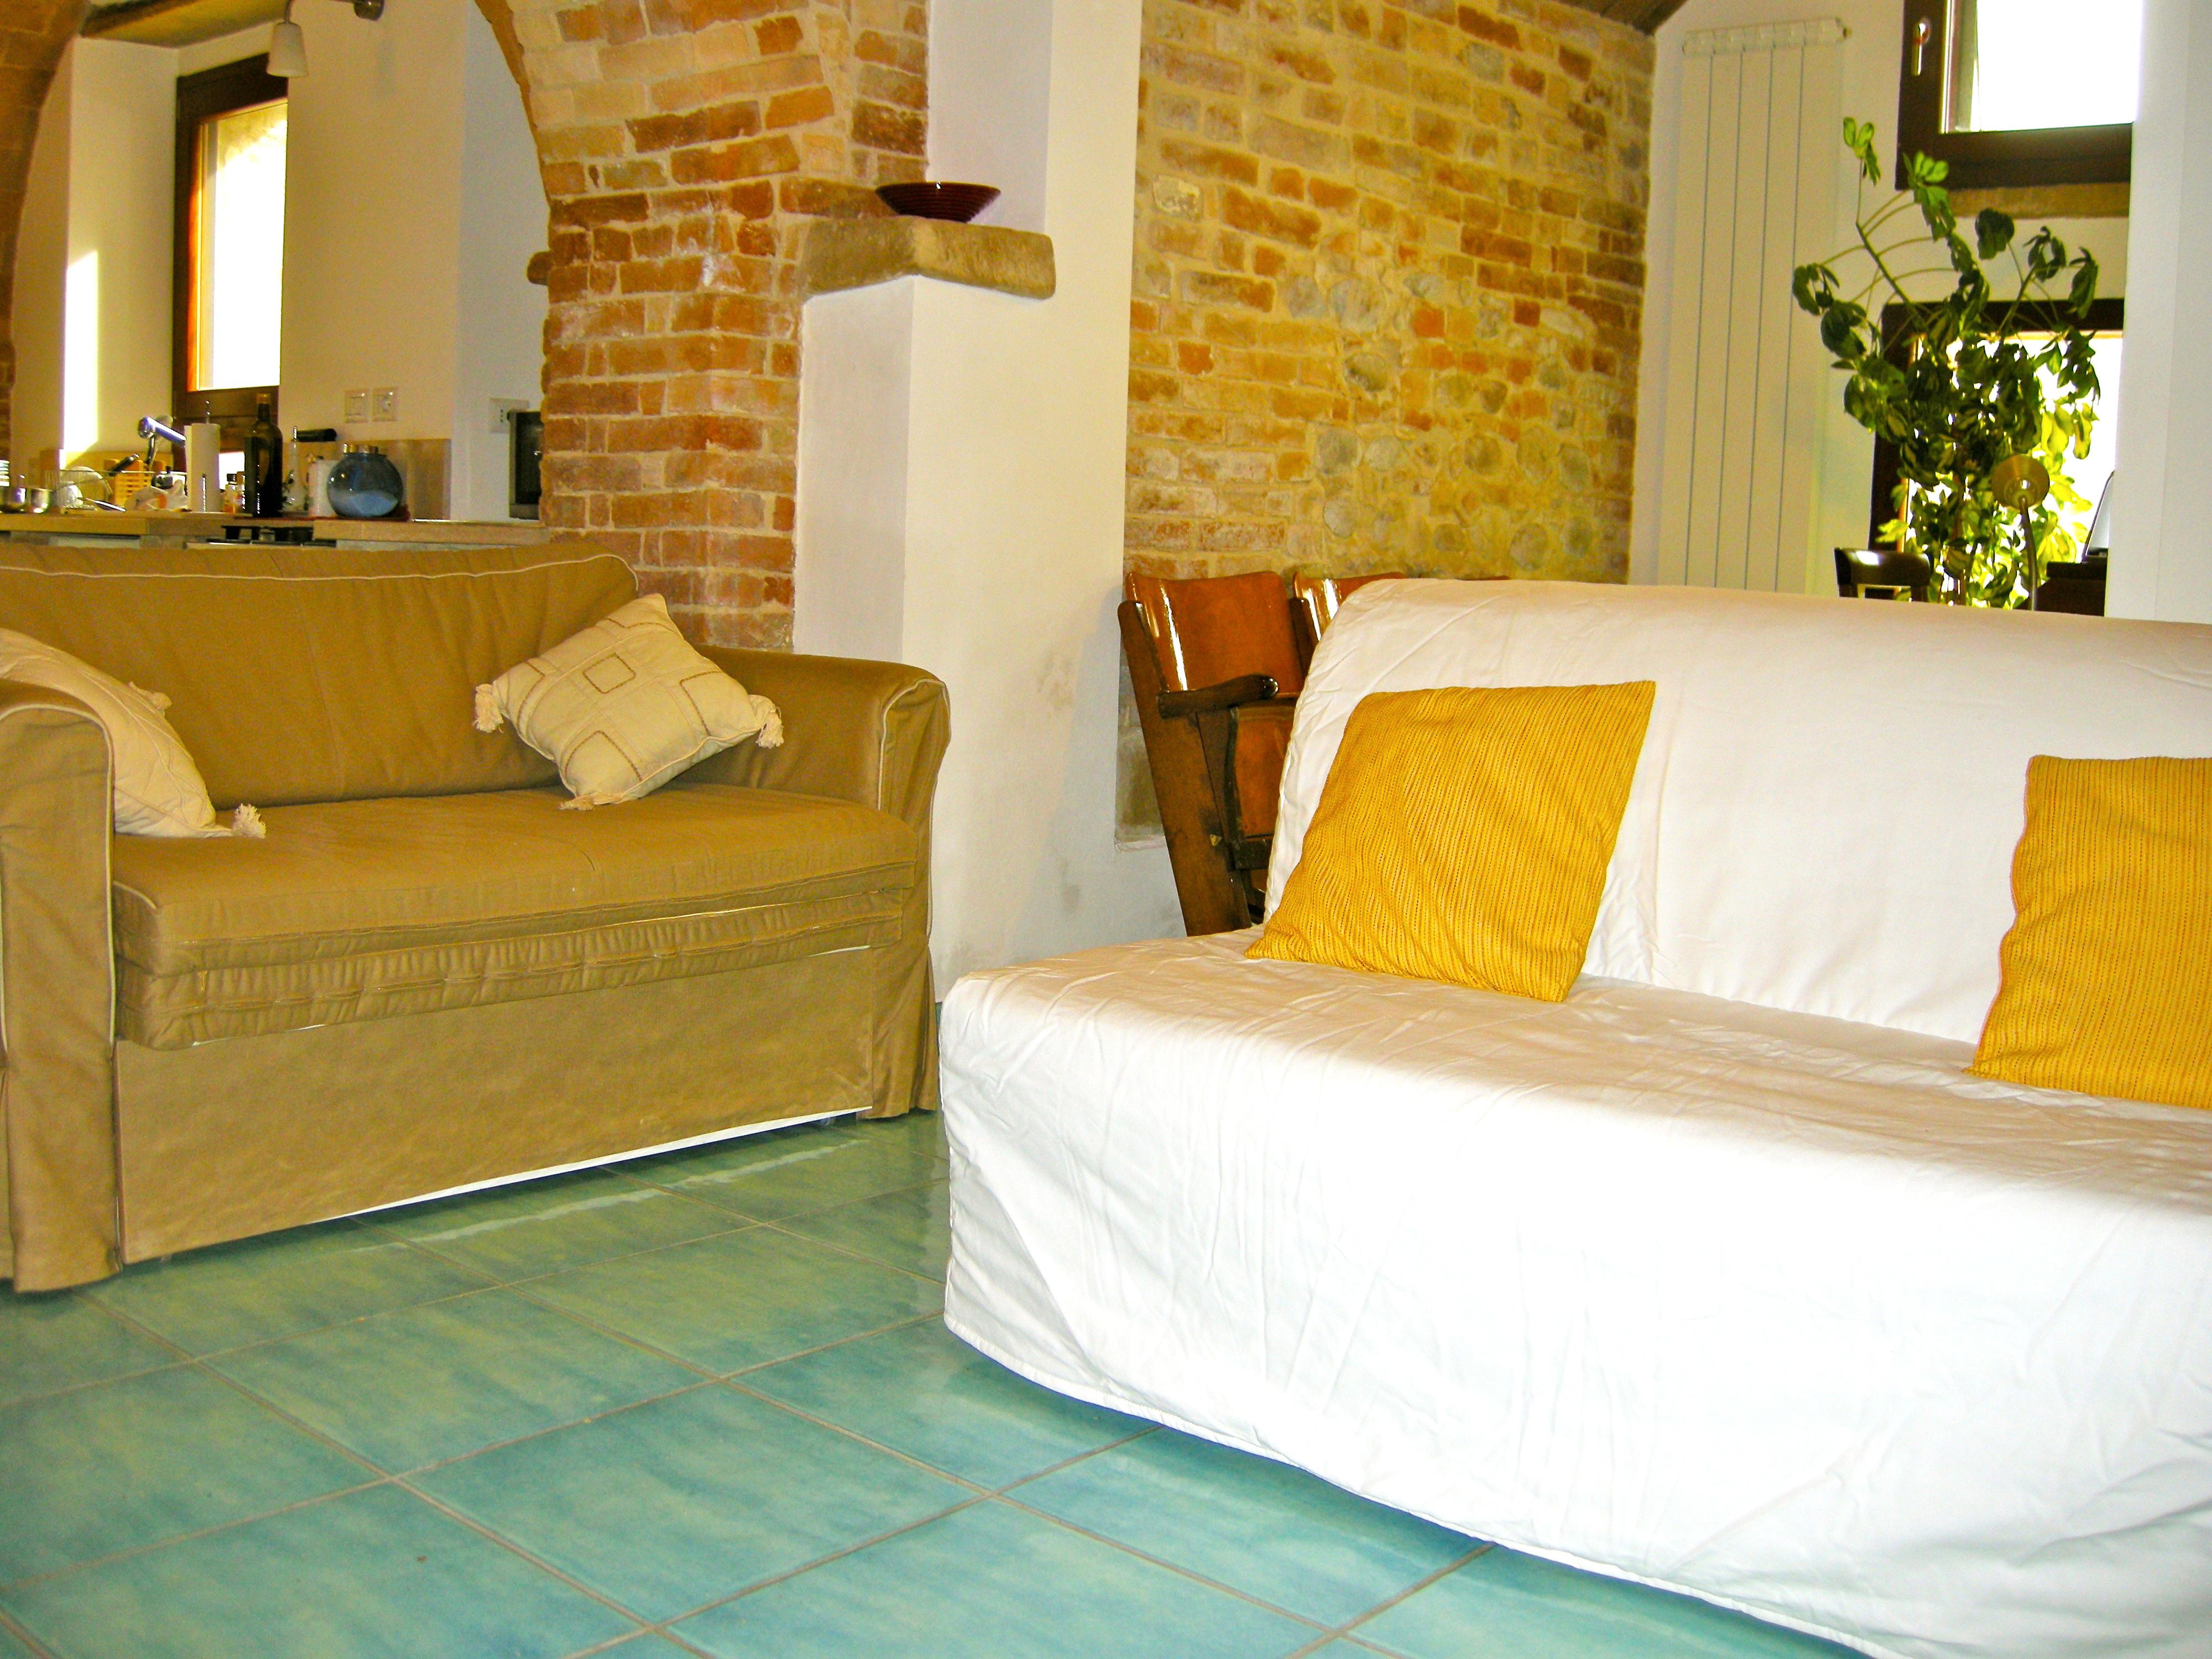 Ferienwohnung Il Casale di Giovanna - Rosemary (2123980), San Venanzo, Ascoli Piceno, Marken, Italien, Bild 13